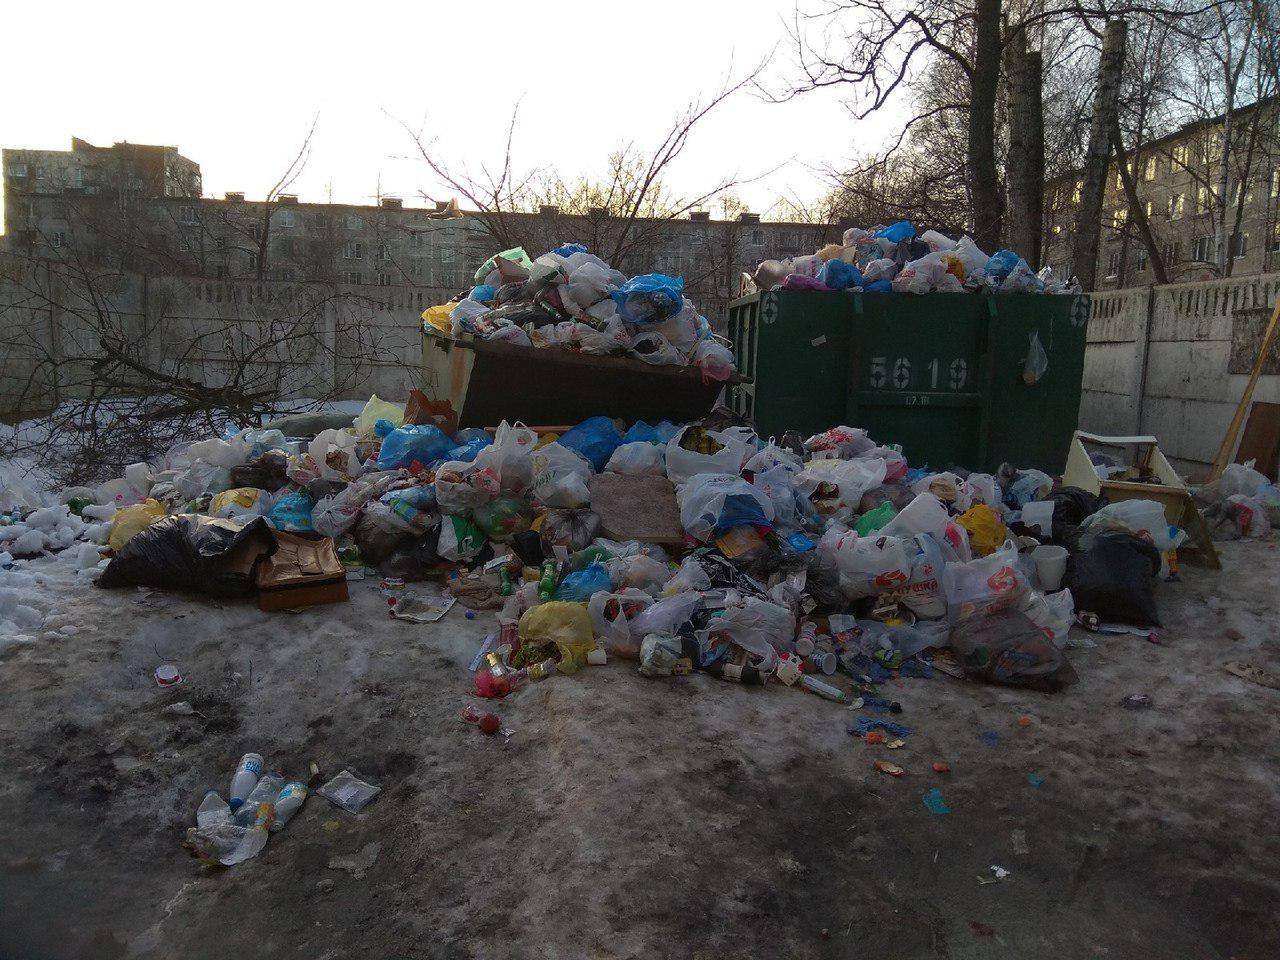 """Читательница """"Фонтанки"""" Юля: В Невском районе жкс 2 плохо вывозят мусор с помоек. Во дворе дома 98 по Народной улице."""